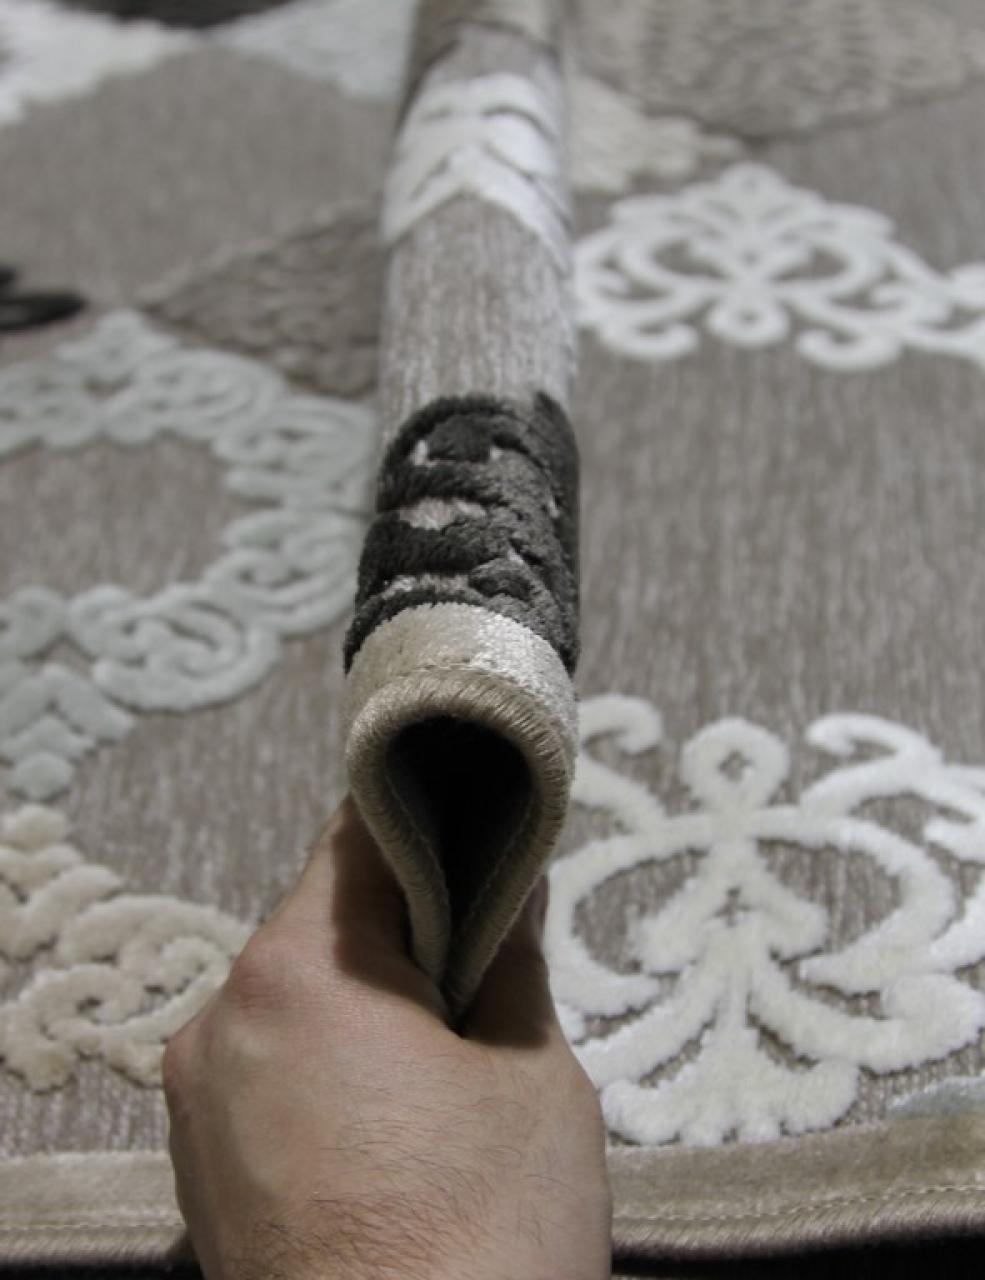 Ковер 38277 - 655590 - Прямоугольник - коллекция GENOVA - фото 2